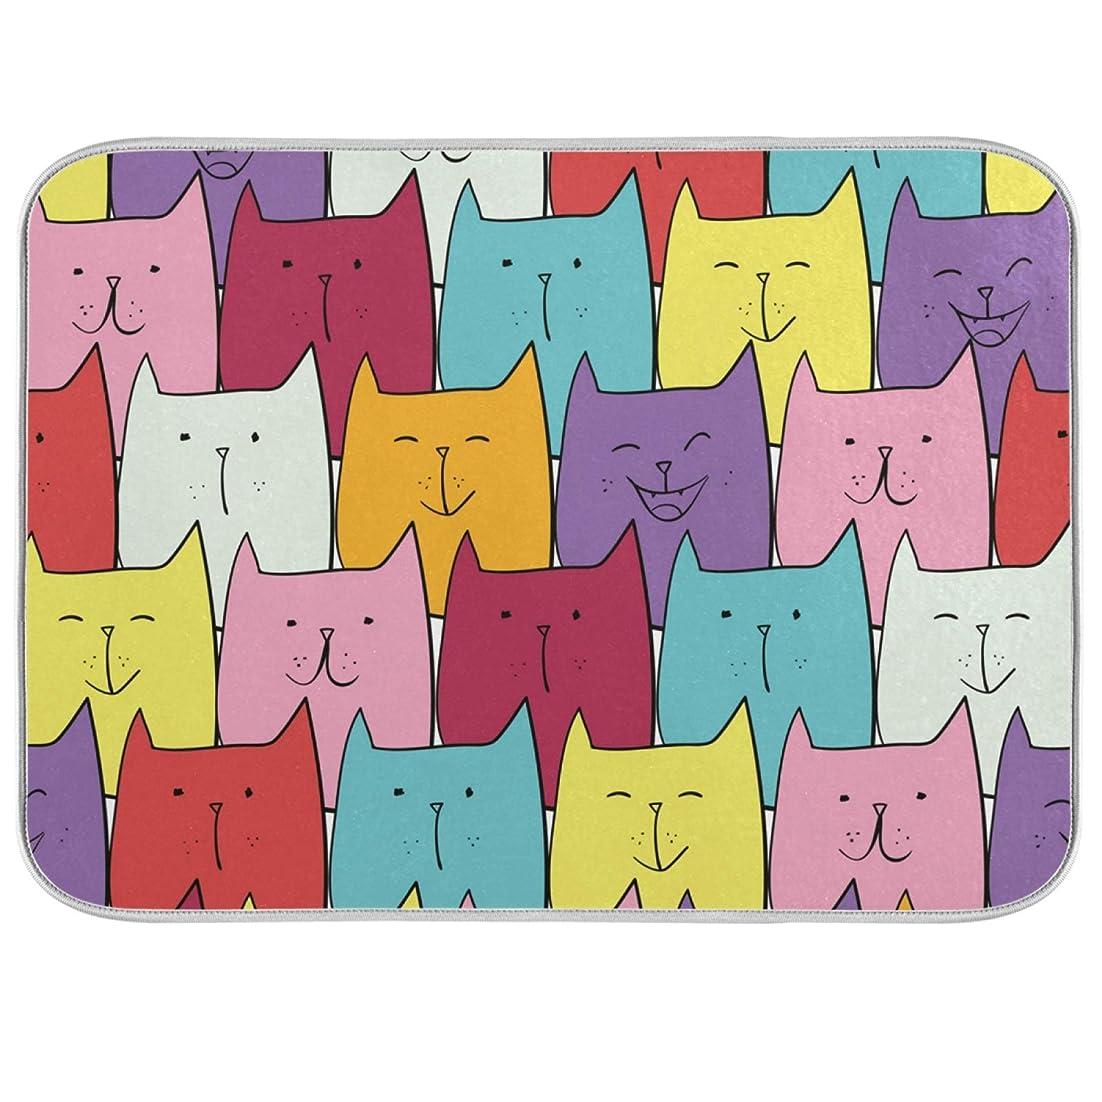 正当な皿割合【VAWA】 水切りマット キッチン 食器 プレースマット 大判 洗える かわいい 猫柄 漫画 ドライングマット 鍋敷き 水切りシート パターン 台所